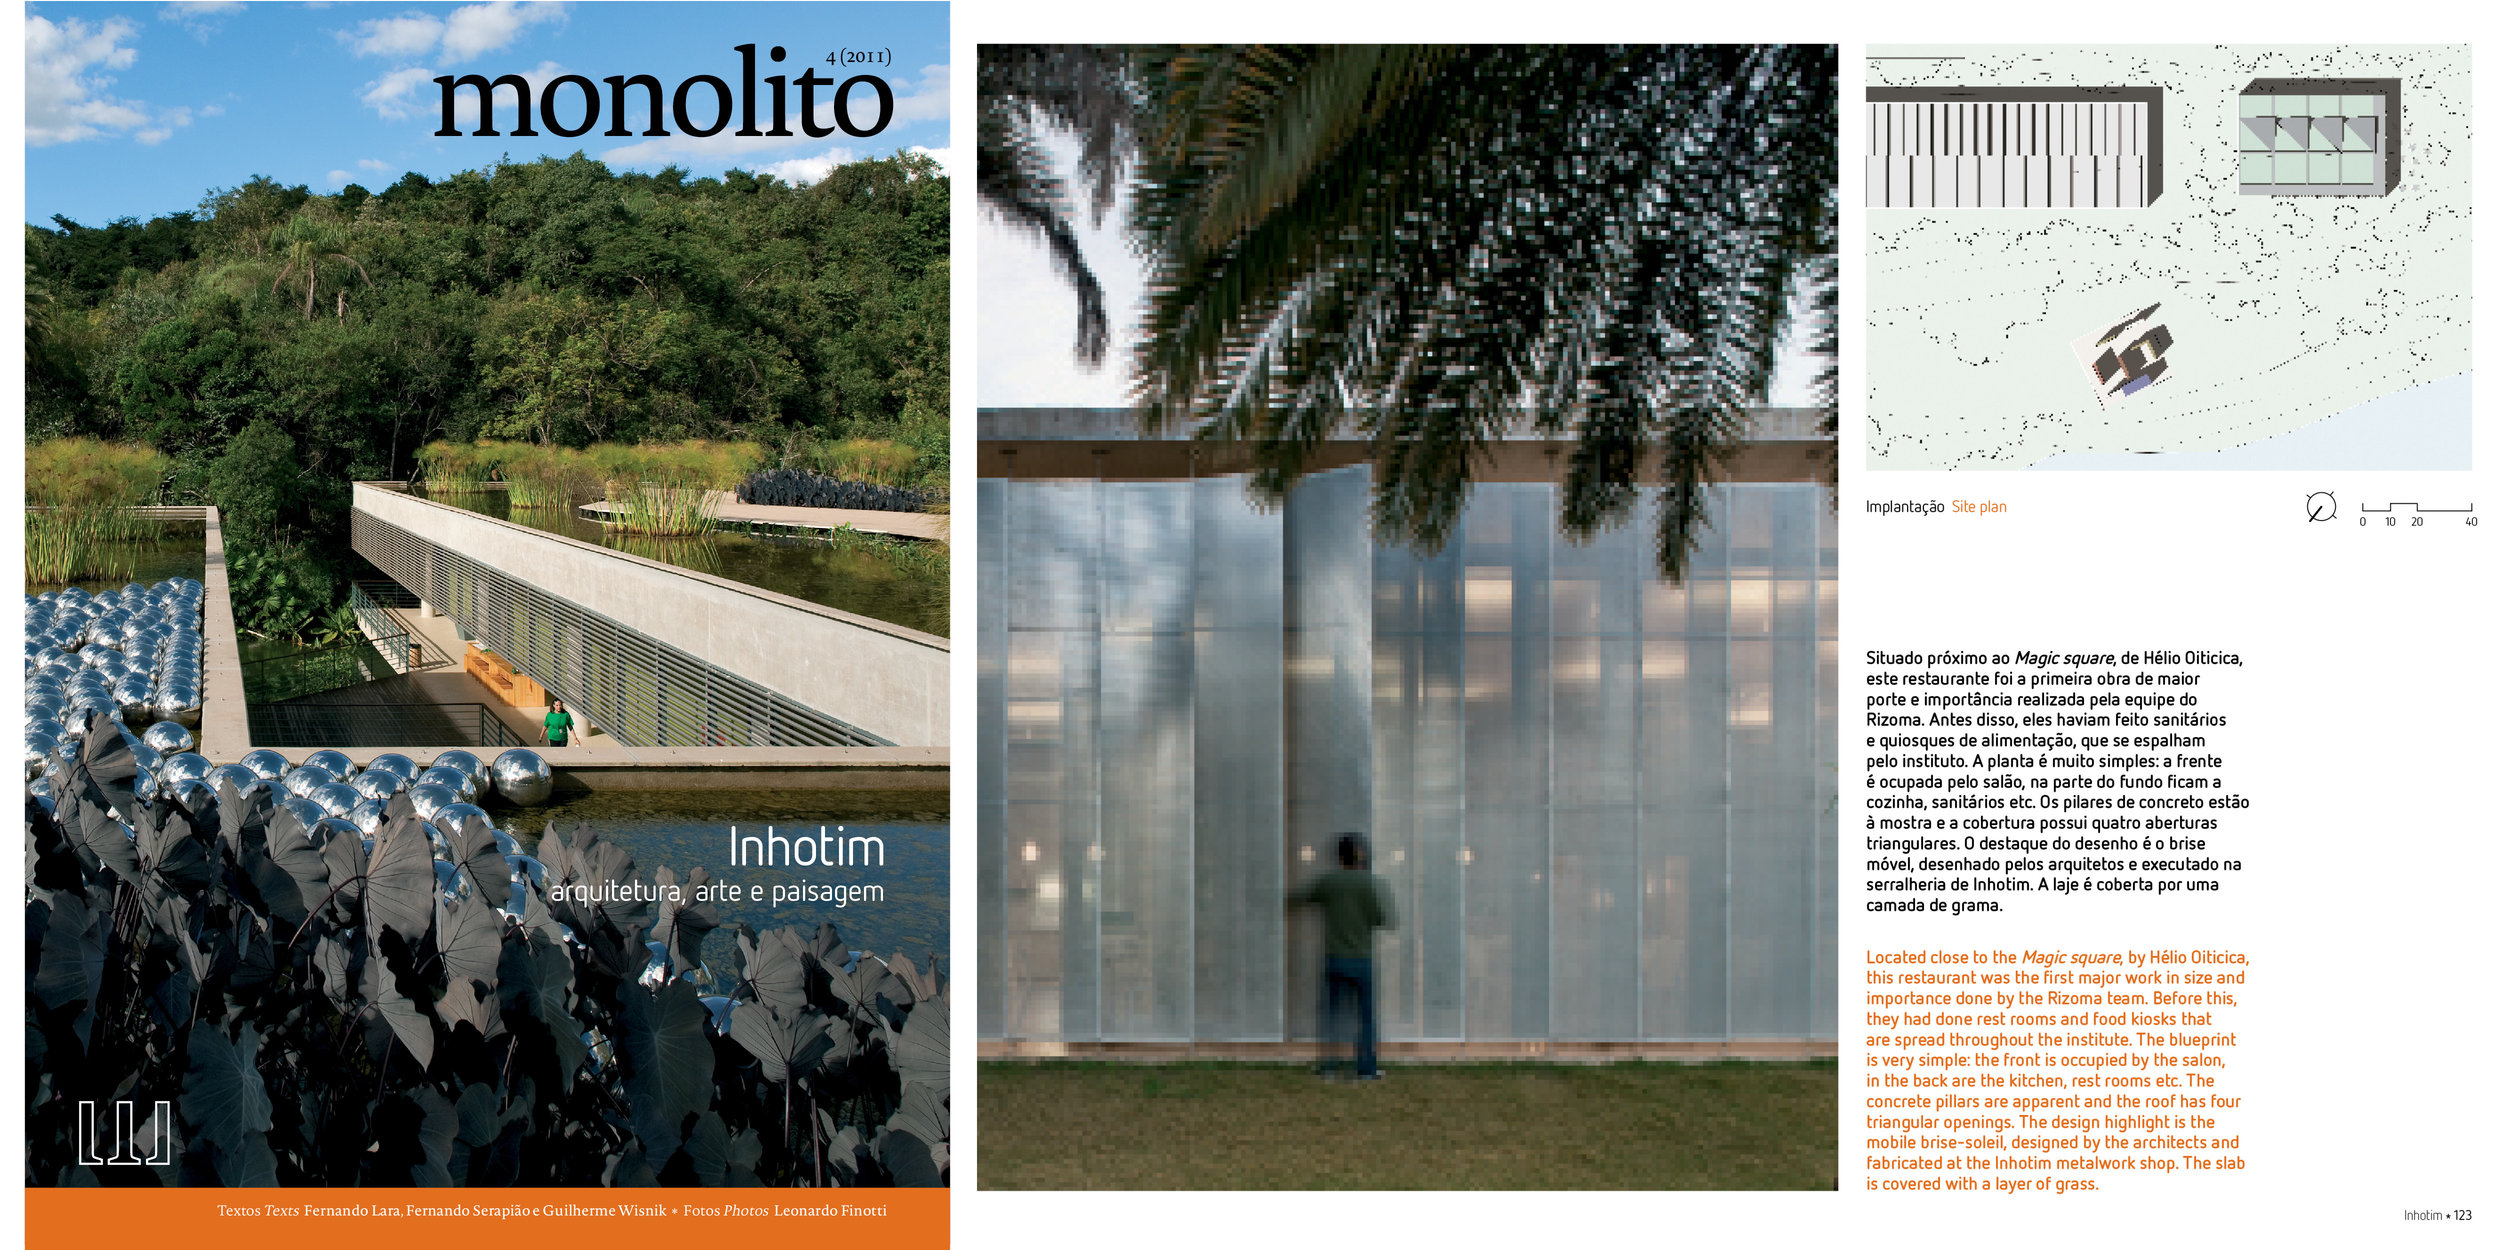 carrossel_jornais,livros,revistas-monolito.jpg